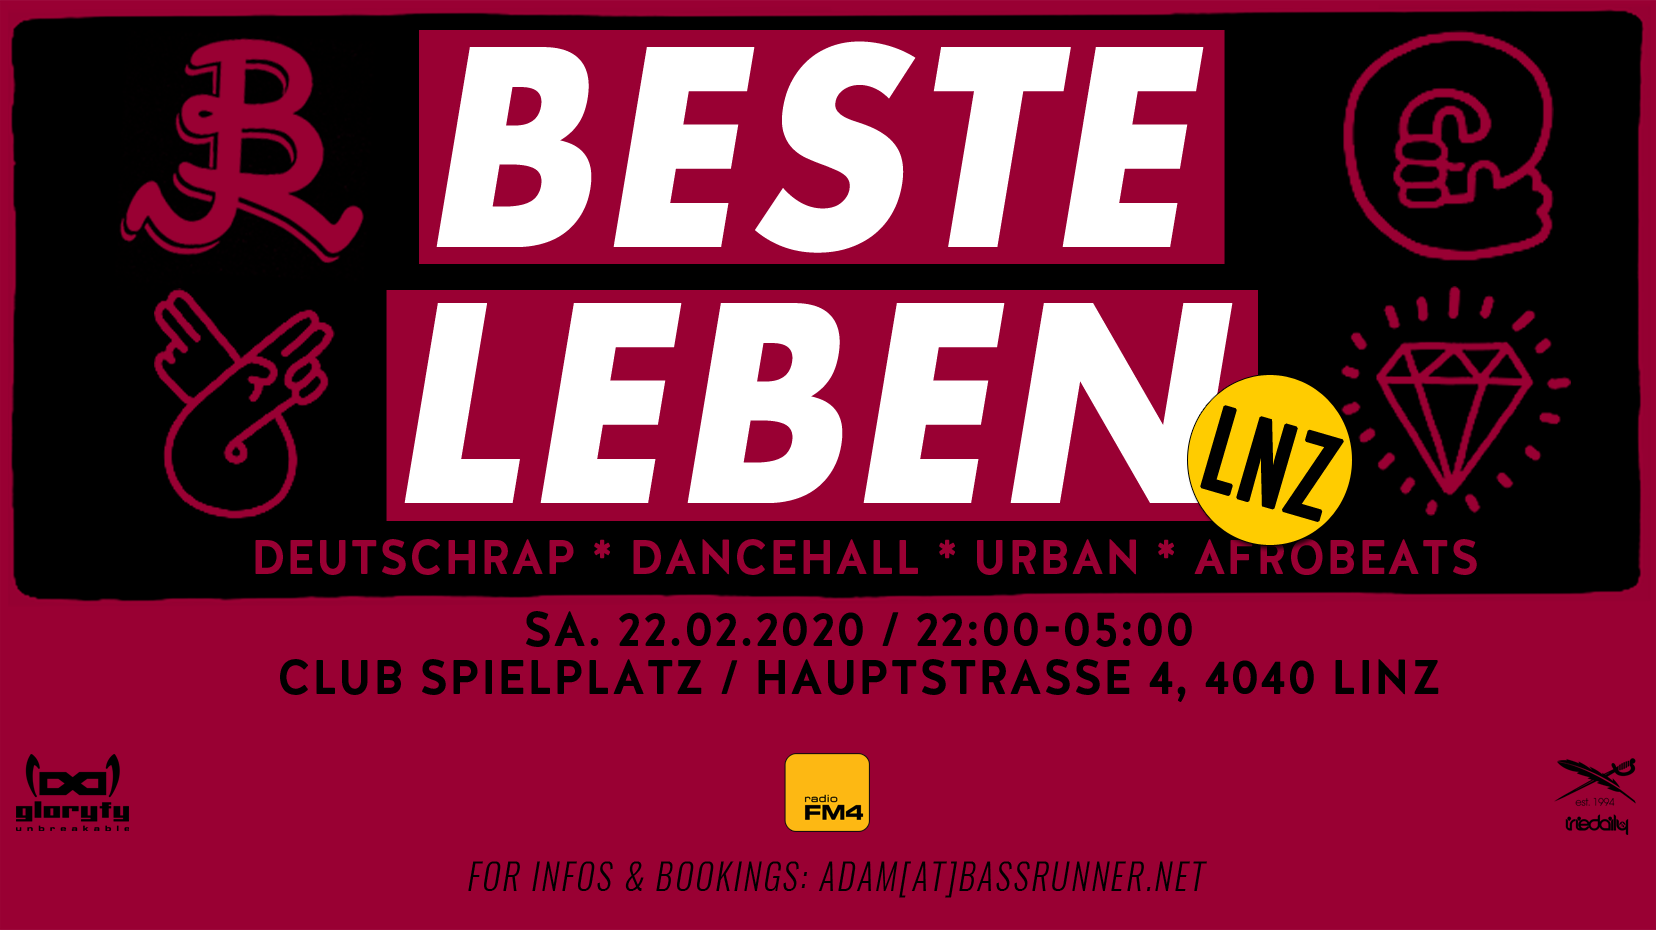 BESTE LEBEN - LNZ - Deutschrap * Dancehall * Urban * am 22. February 2020 @ Club Spielplatz.